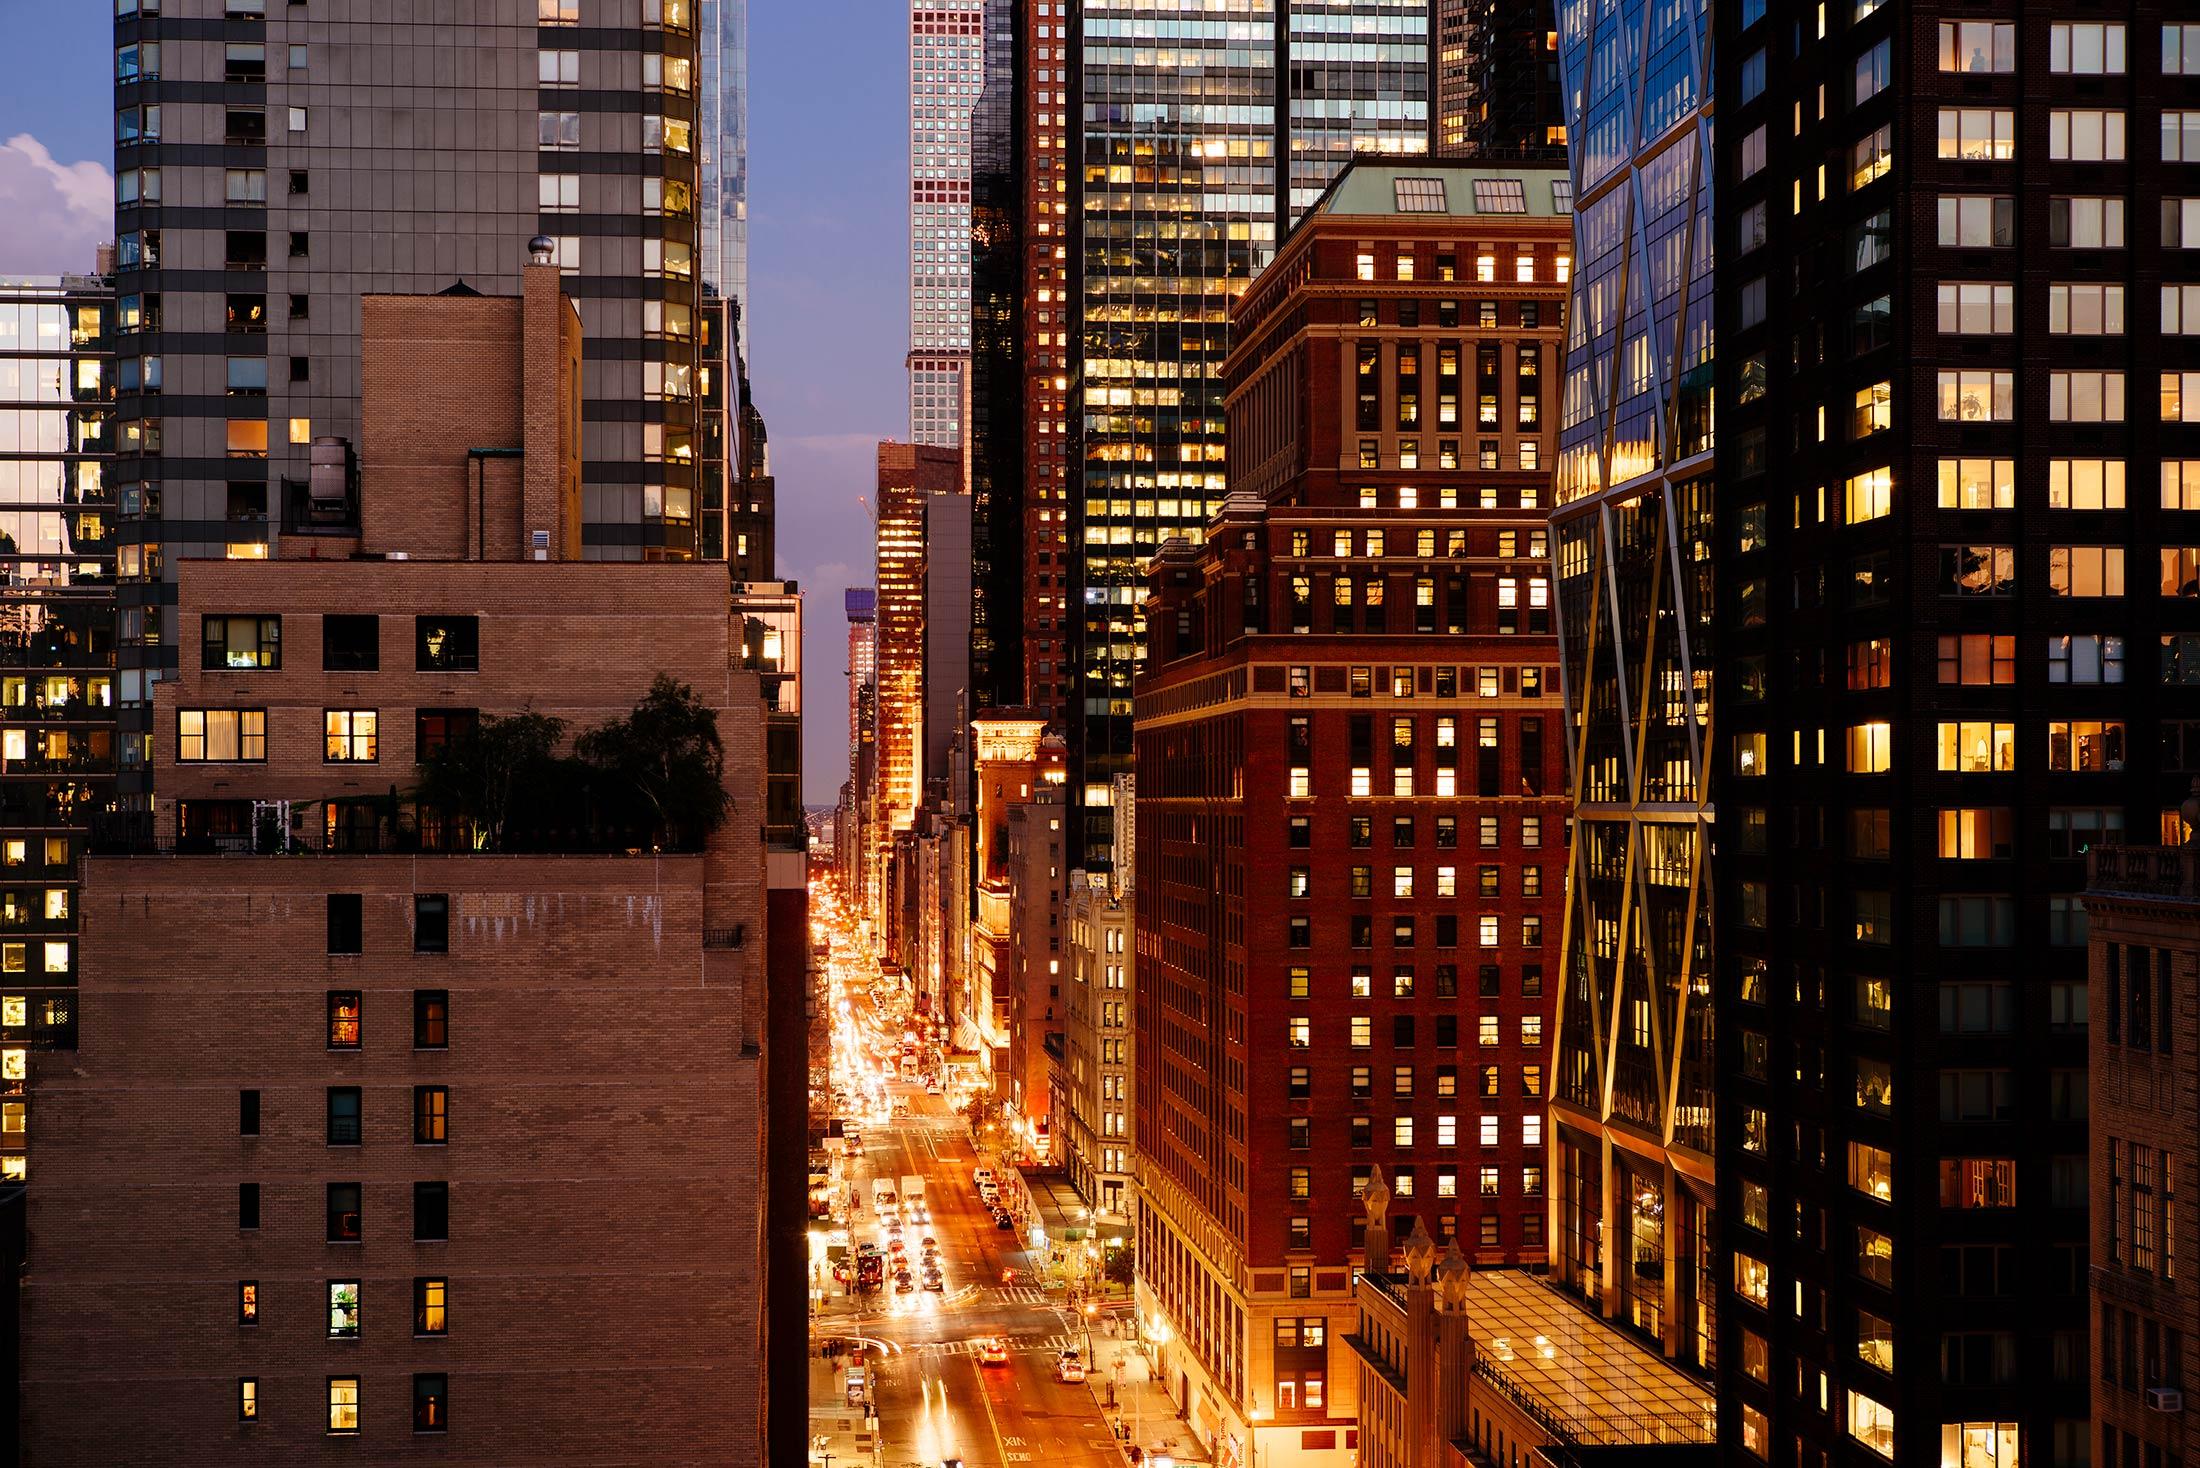 NYC_NewYorkCity_12-Mitja_Schneehage